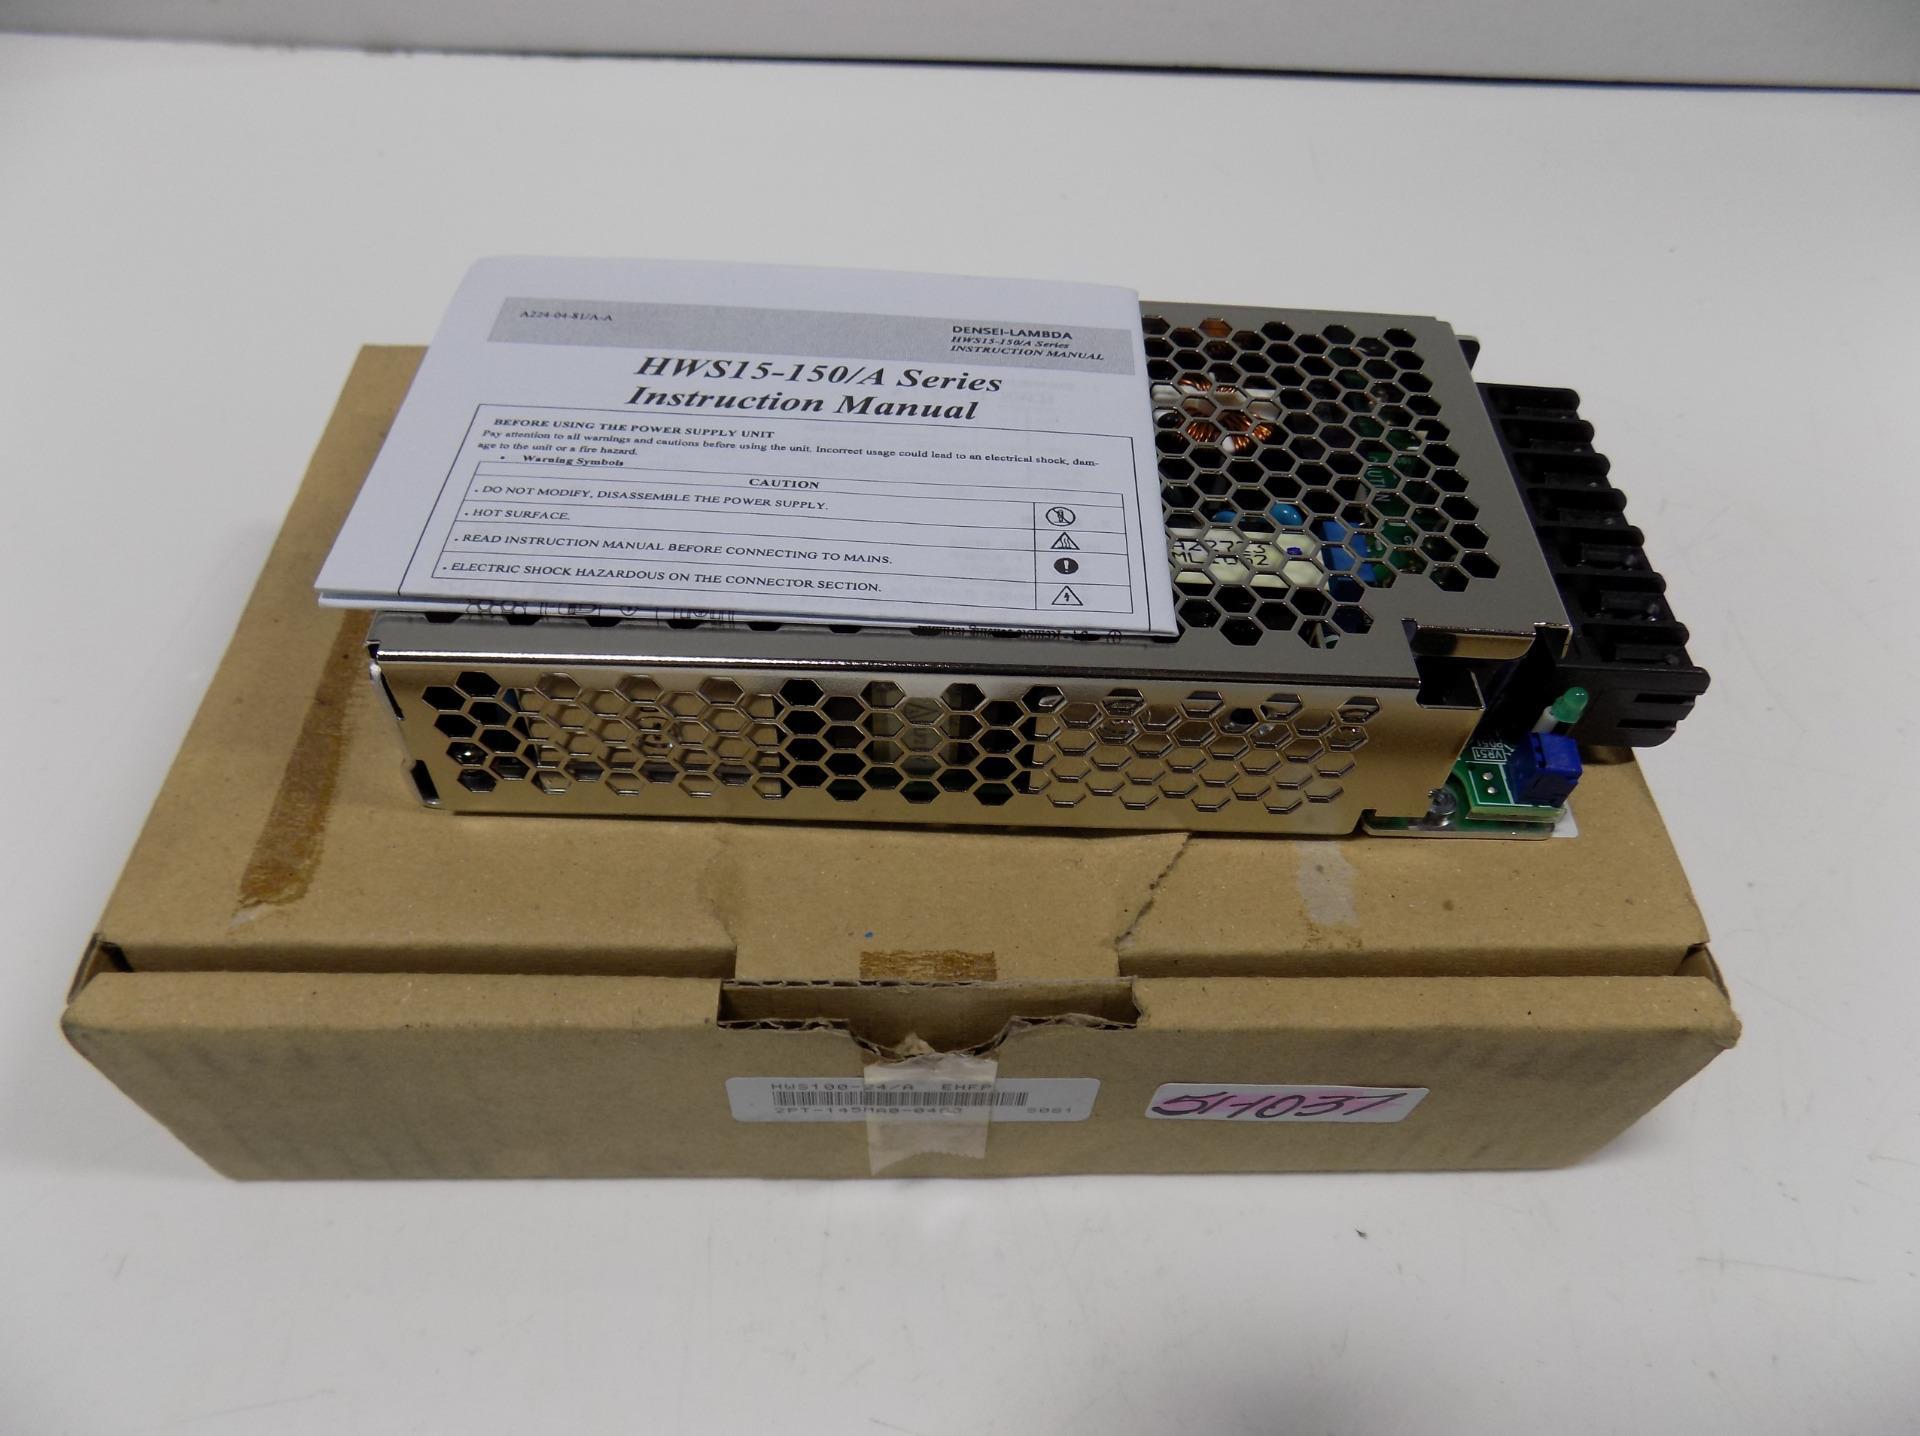 TDK LAMBDA AC/DC POWER SUPPLY HWS100-24/A NIB | eBay